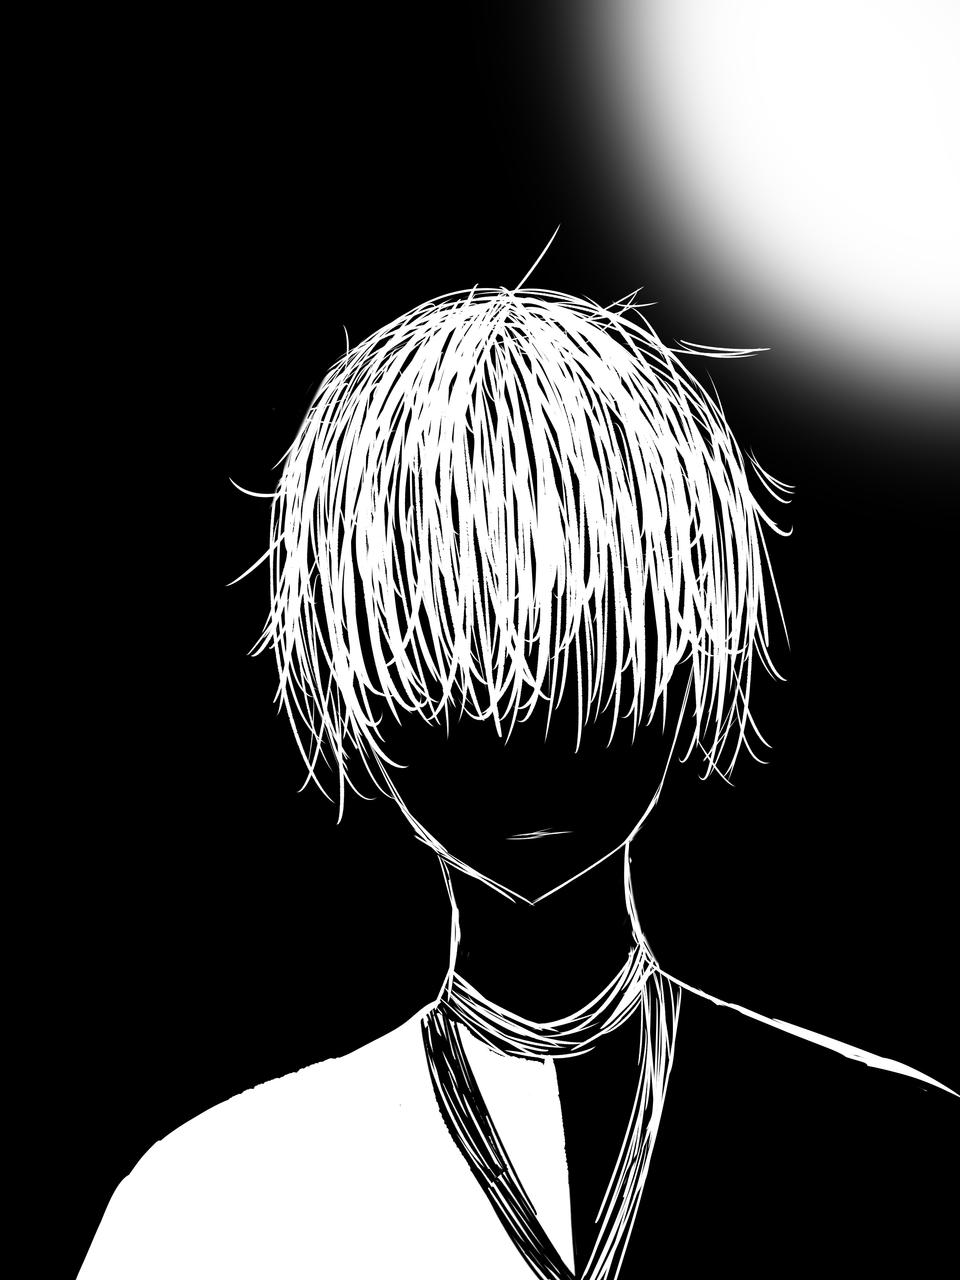 白、黒 Illust of しゃっくりみかん boy illustration らくがきオリジナル doodle black